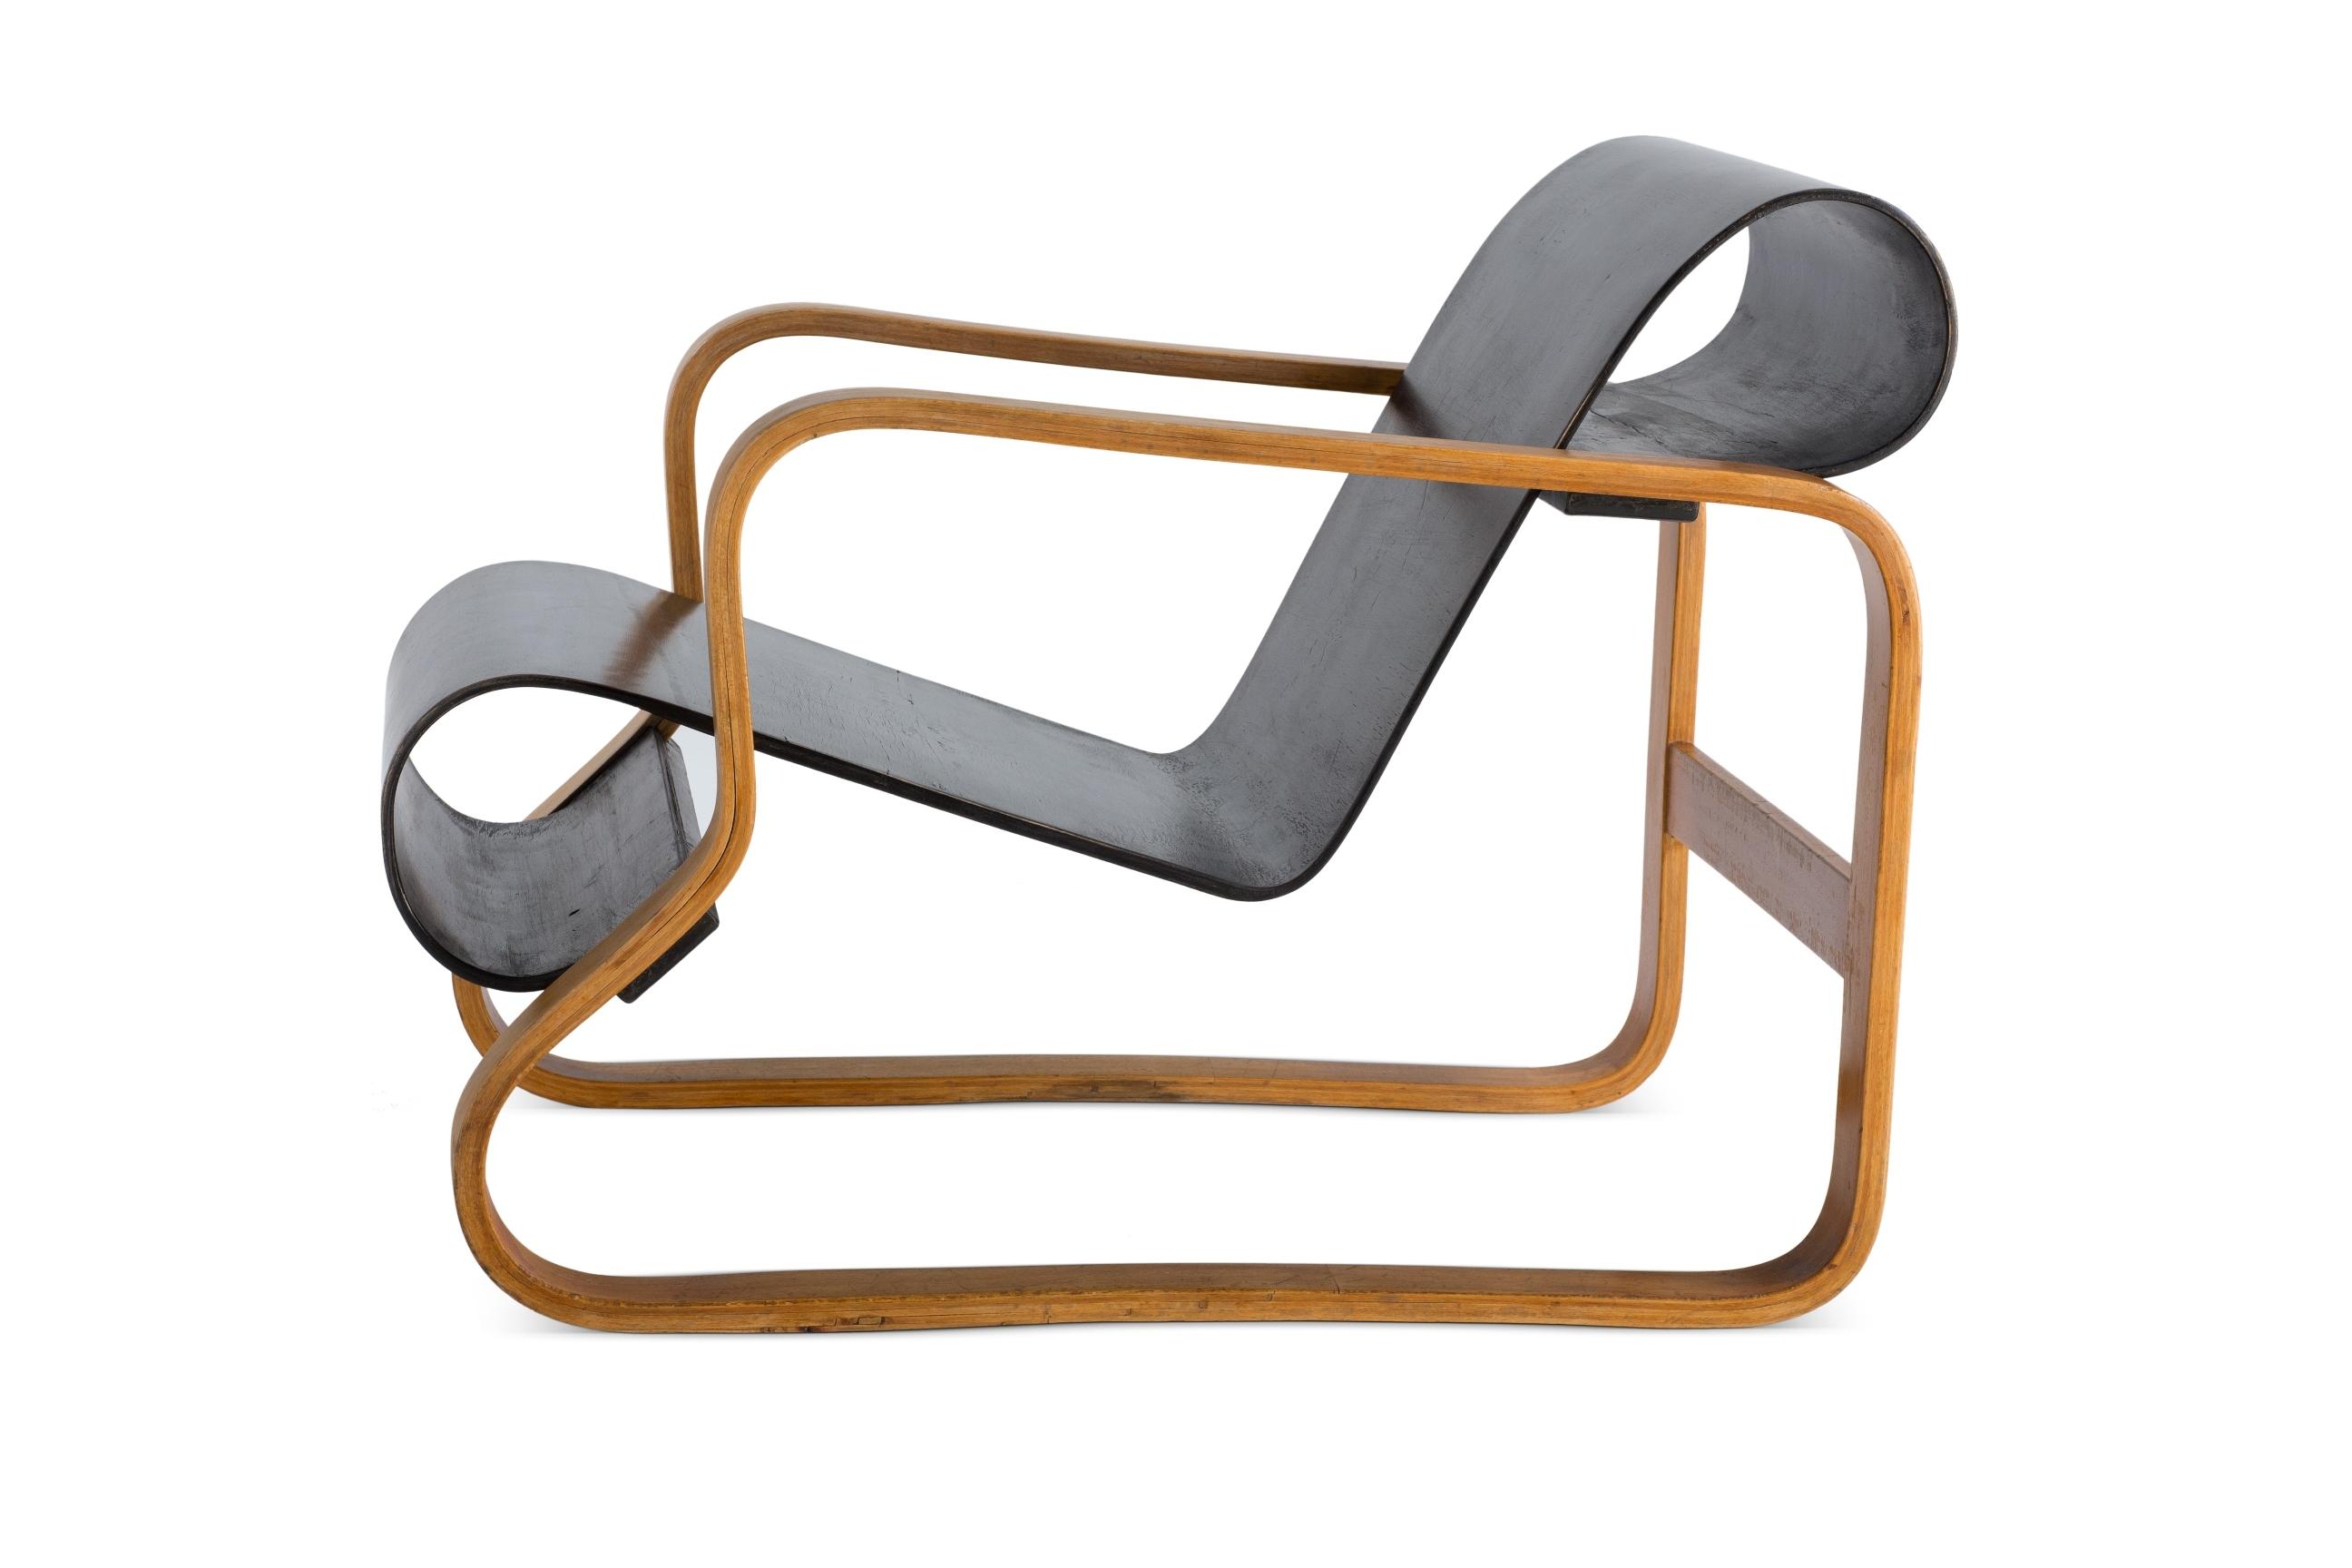 アームチェア 41 パイミオ/Alvar Aalto, 1932 (C)Vitra Design Museum, photo: Jürgen Hans